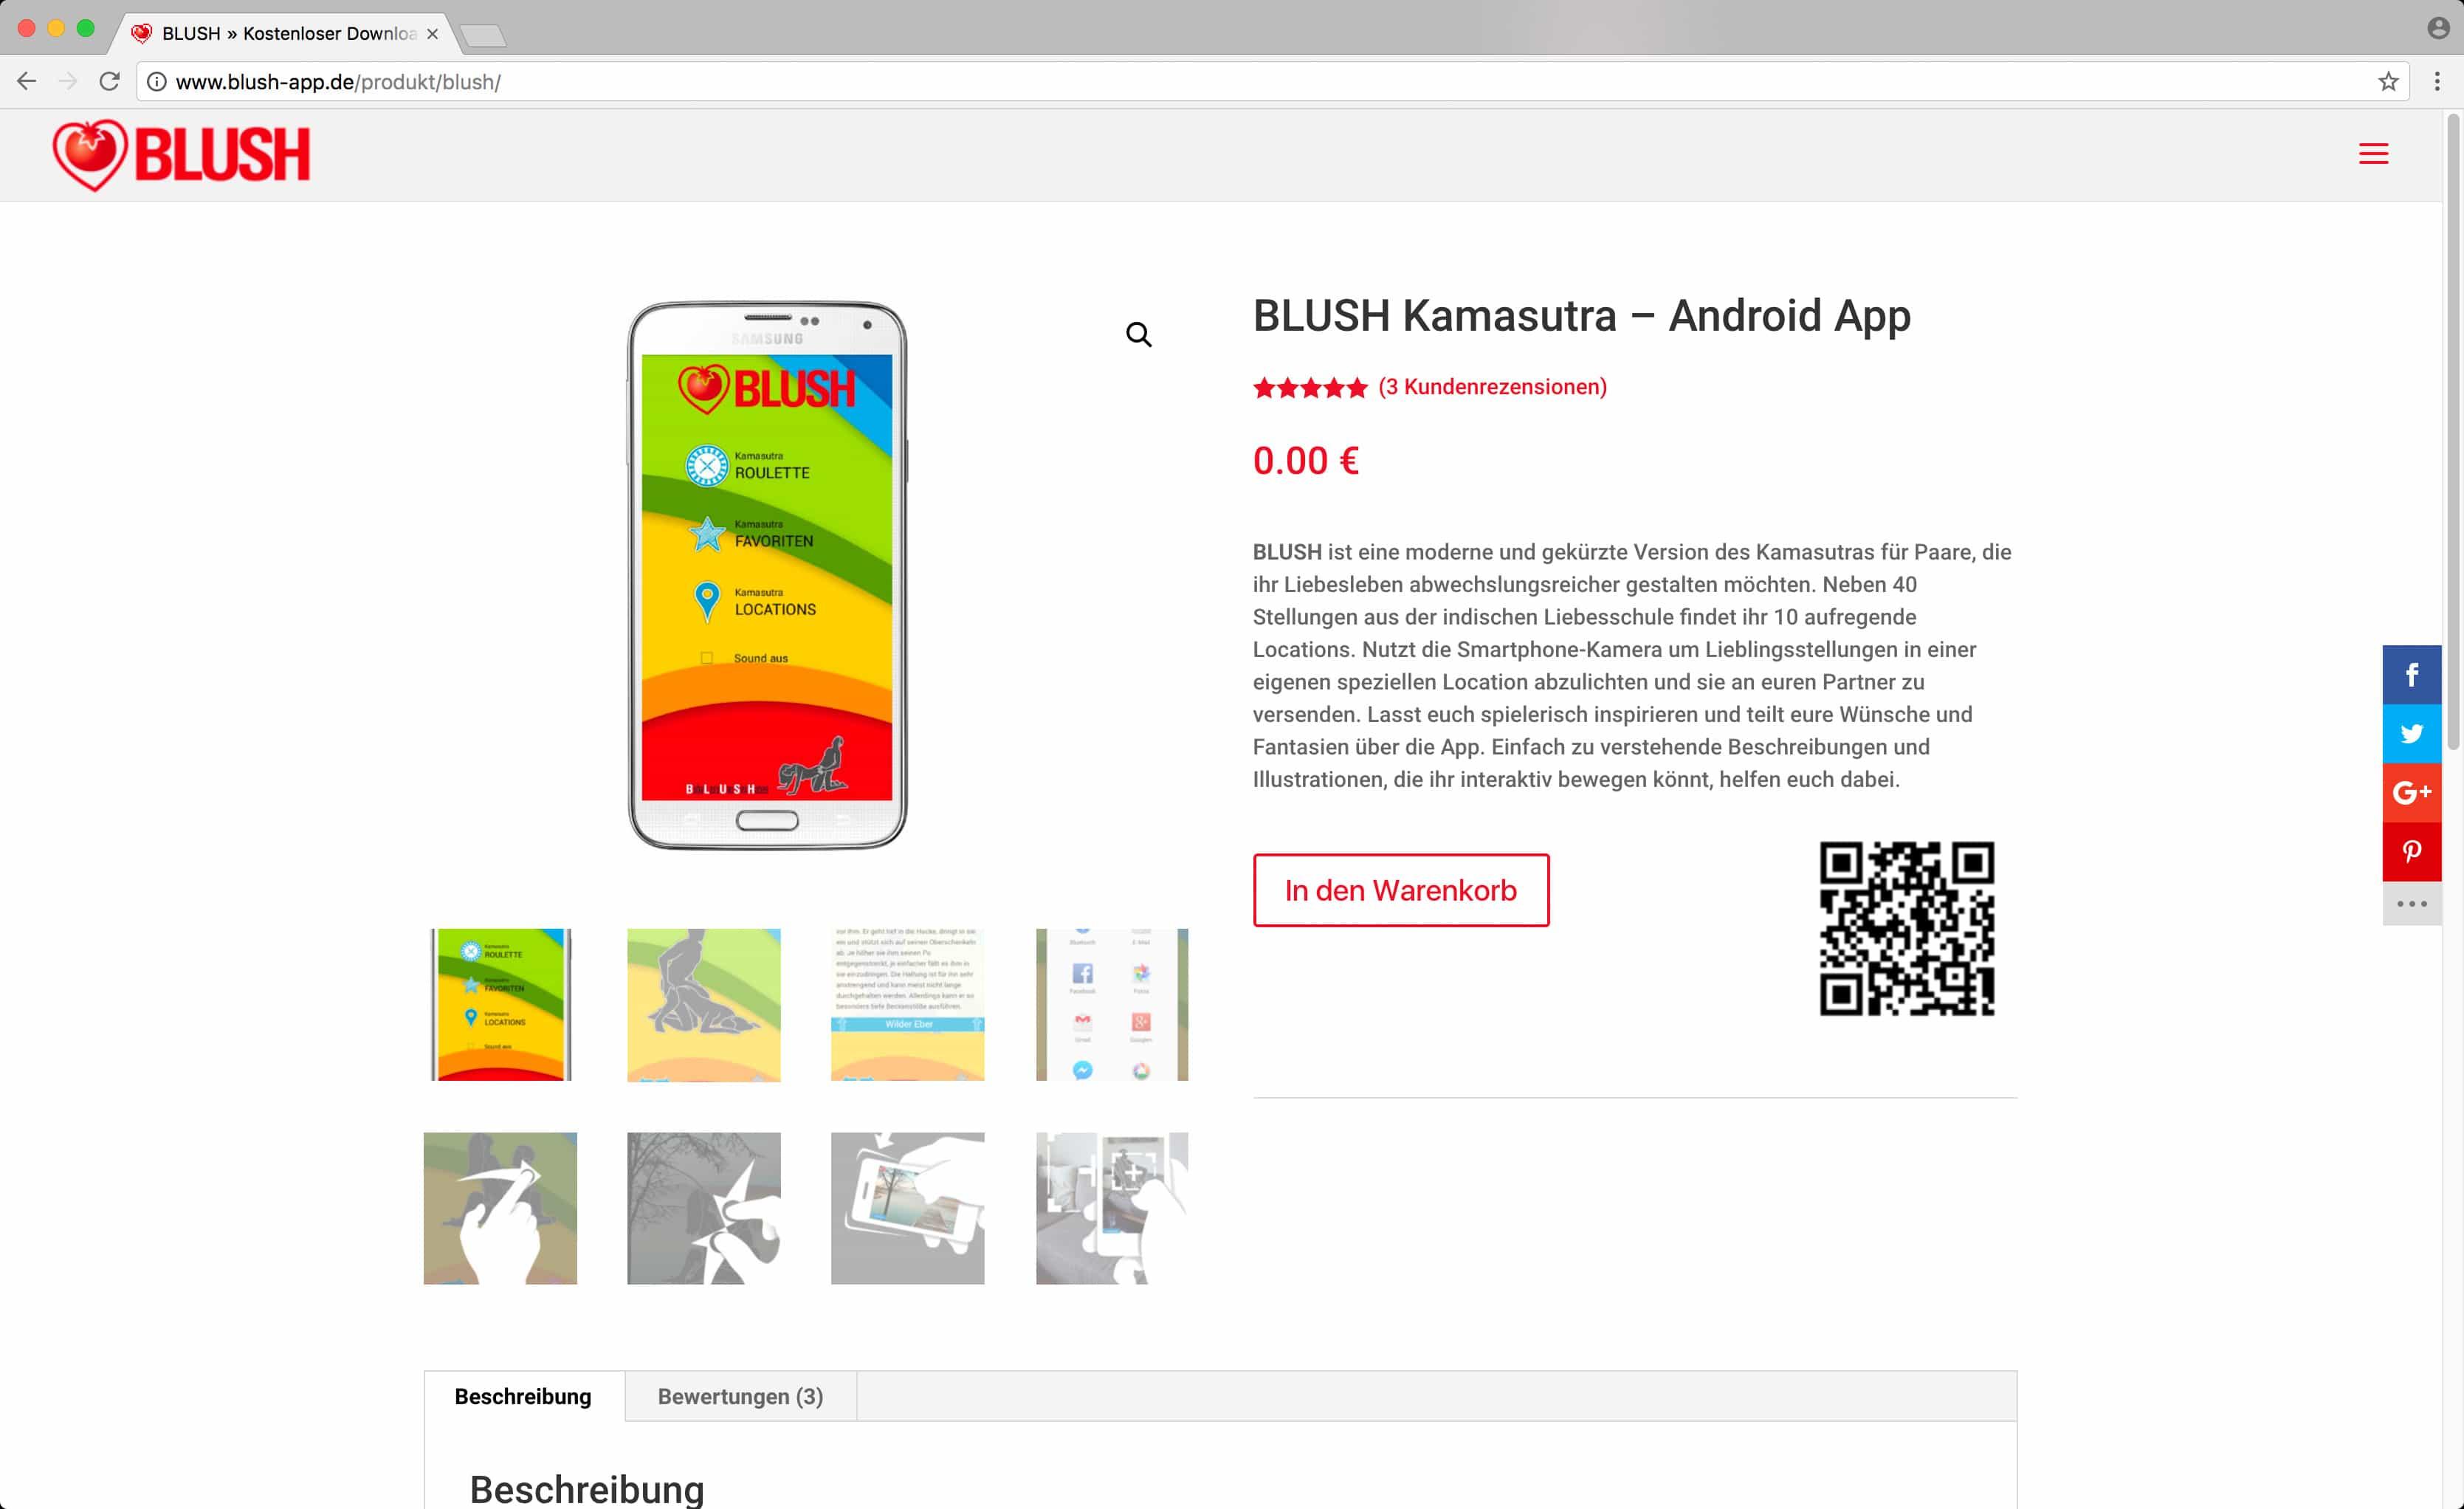 BLUSH – Shop (kostenloser Download)